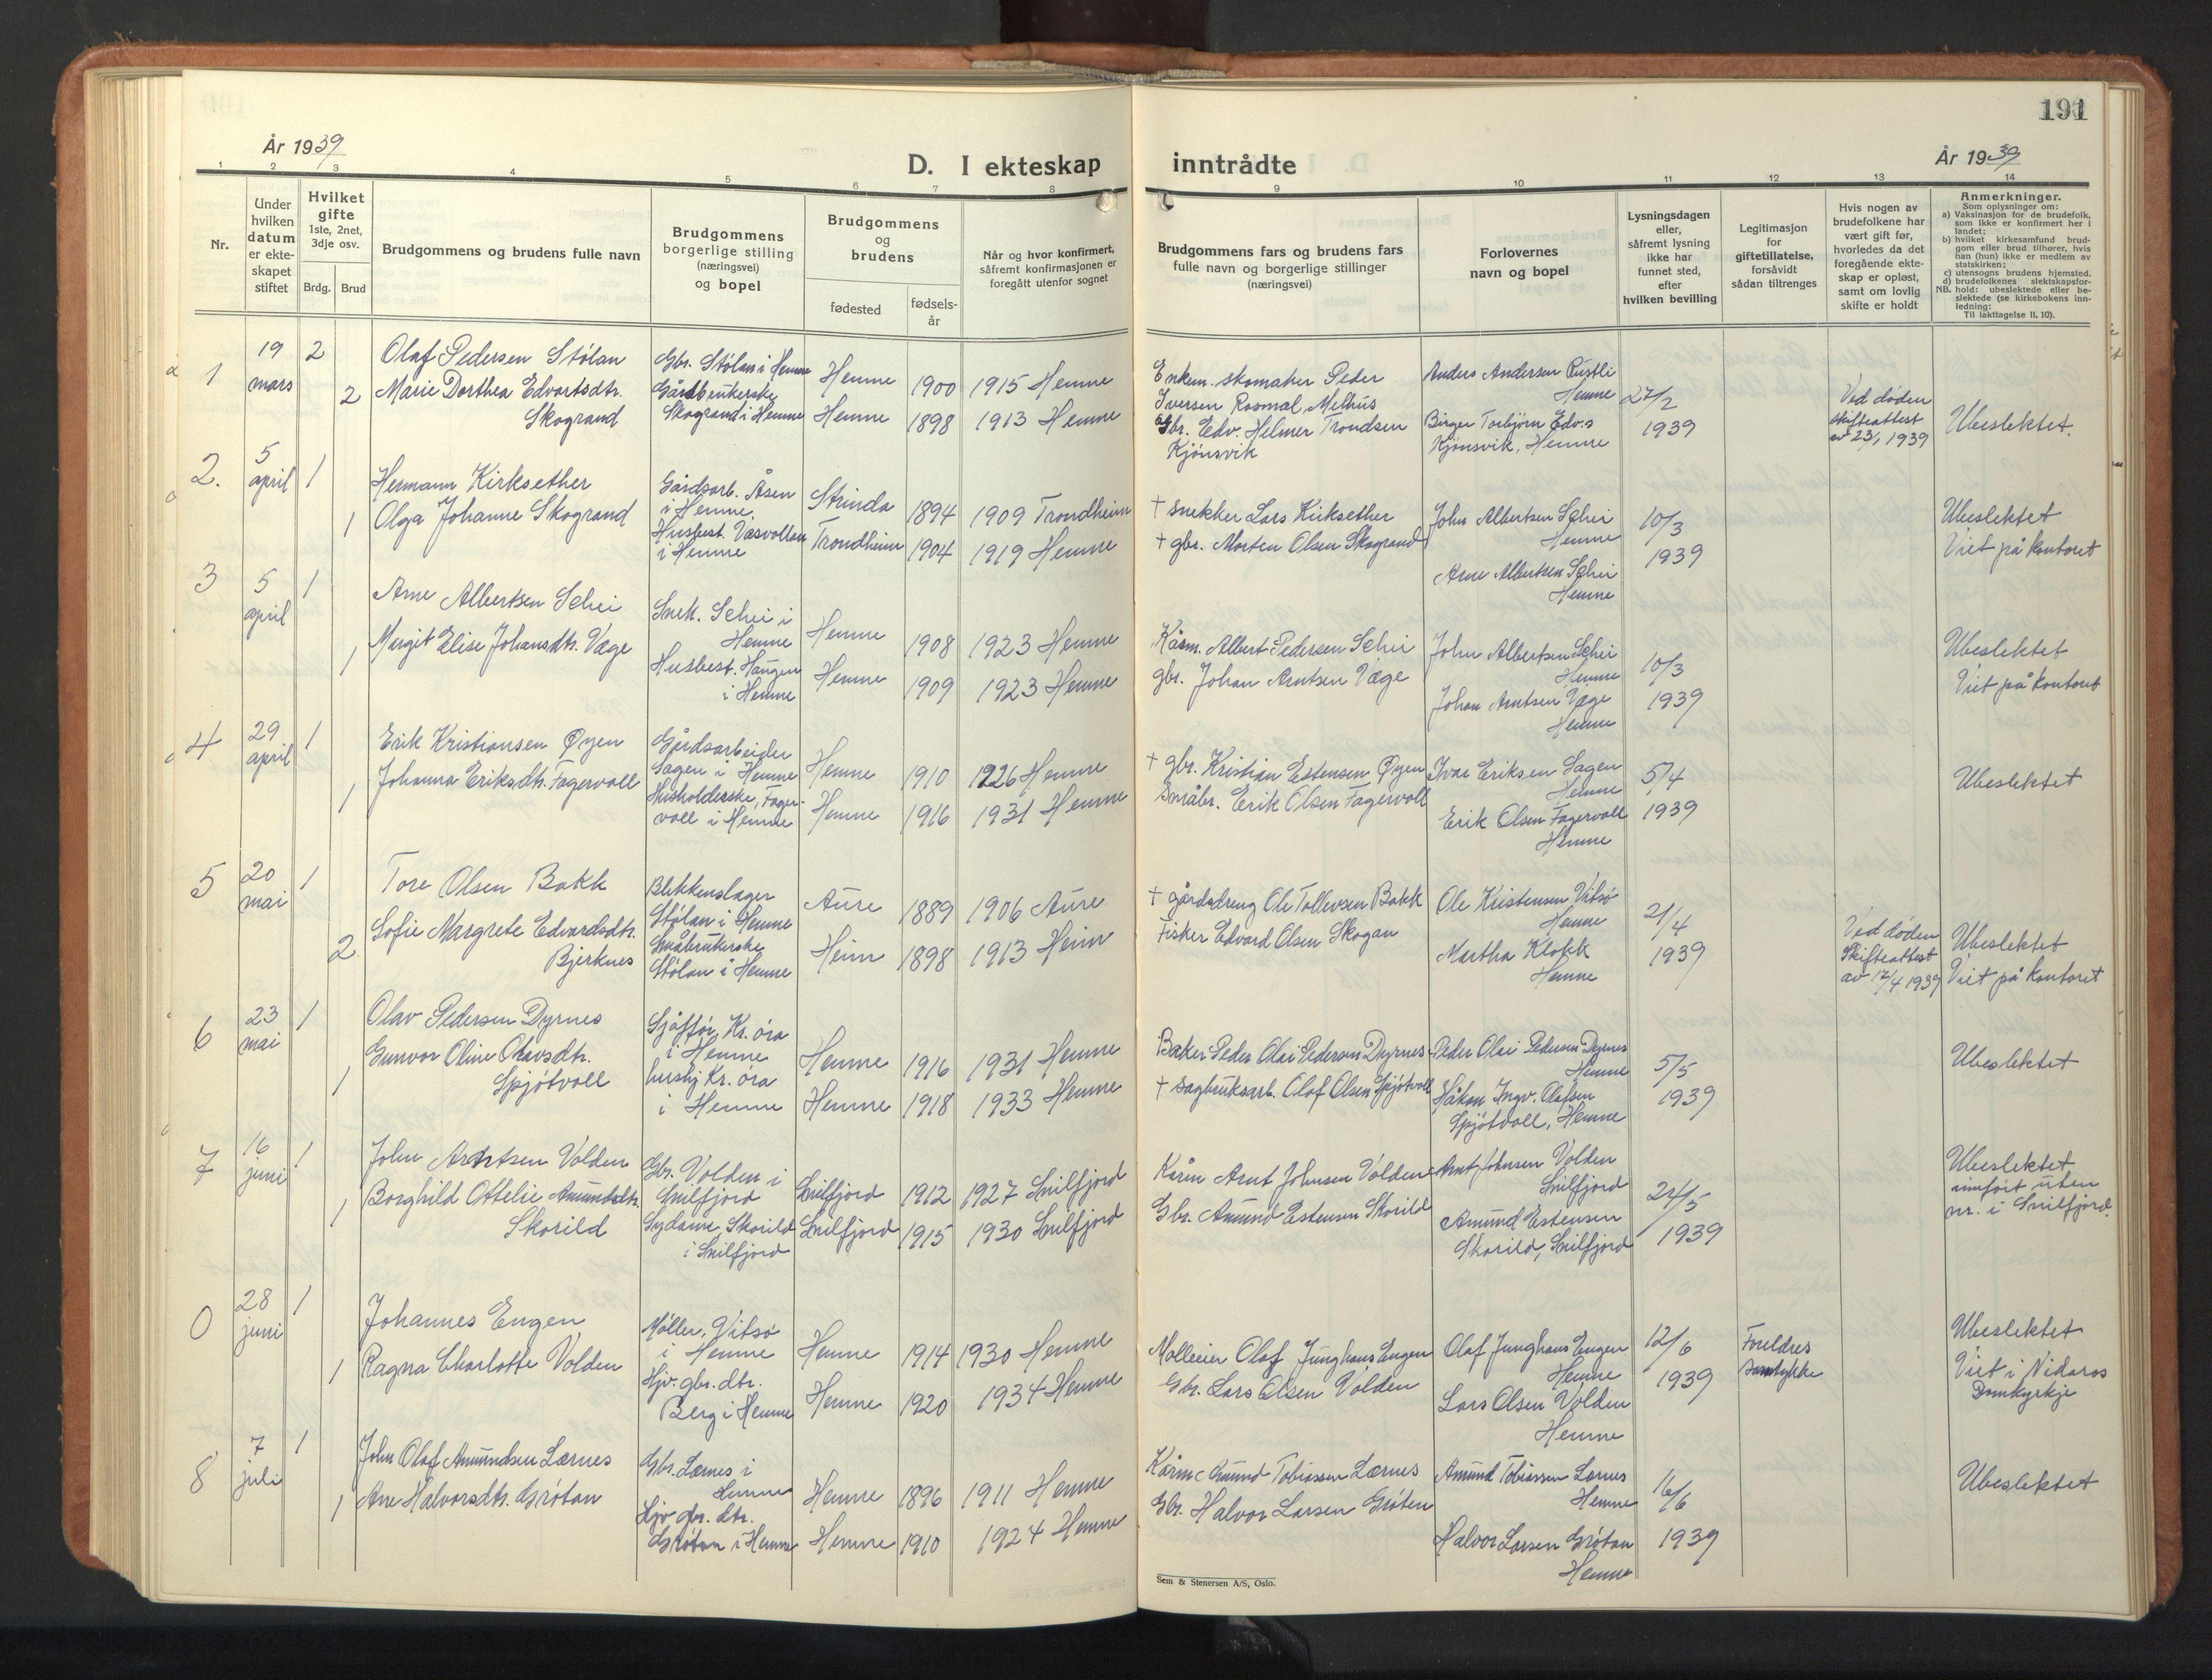 SAT, Ministerialprotokoller, klokkerbøker og fødselsregistre - Sør-Trøndelag, 630/L0508: Klokkerbok nr. 630C06, 1933-1950, s. 191